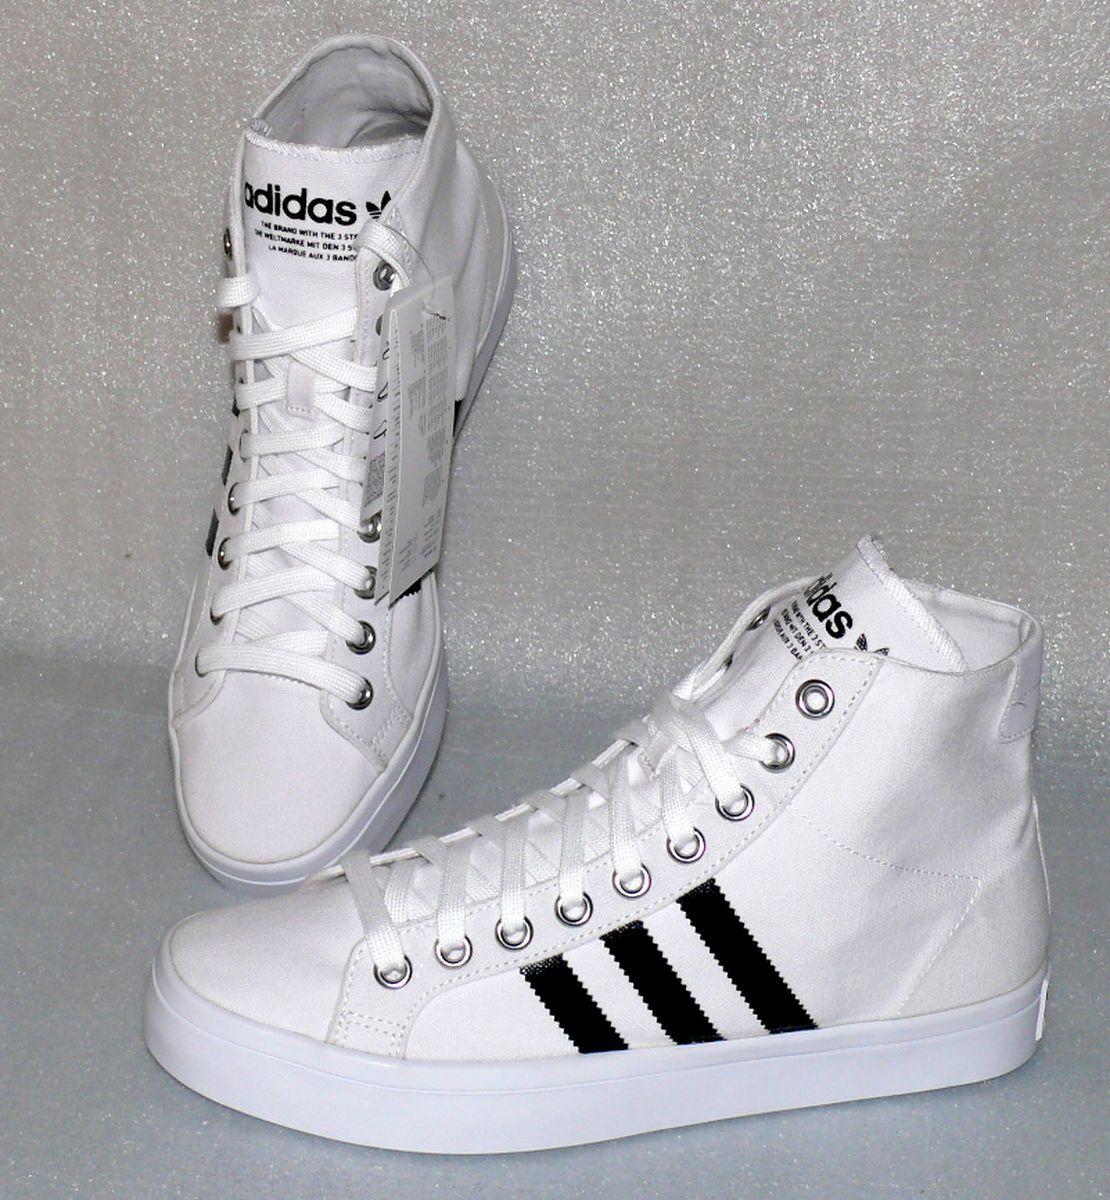 Adidas S78792 Court Vantage MID Herren Schuhe Turnschuhe 44 2 3 UK10 Weiß Schwarz     |  |  Neuer Markt  | Zu einem erschwinglichen Preis